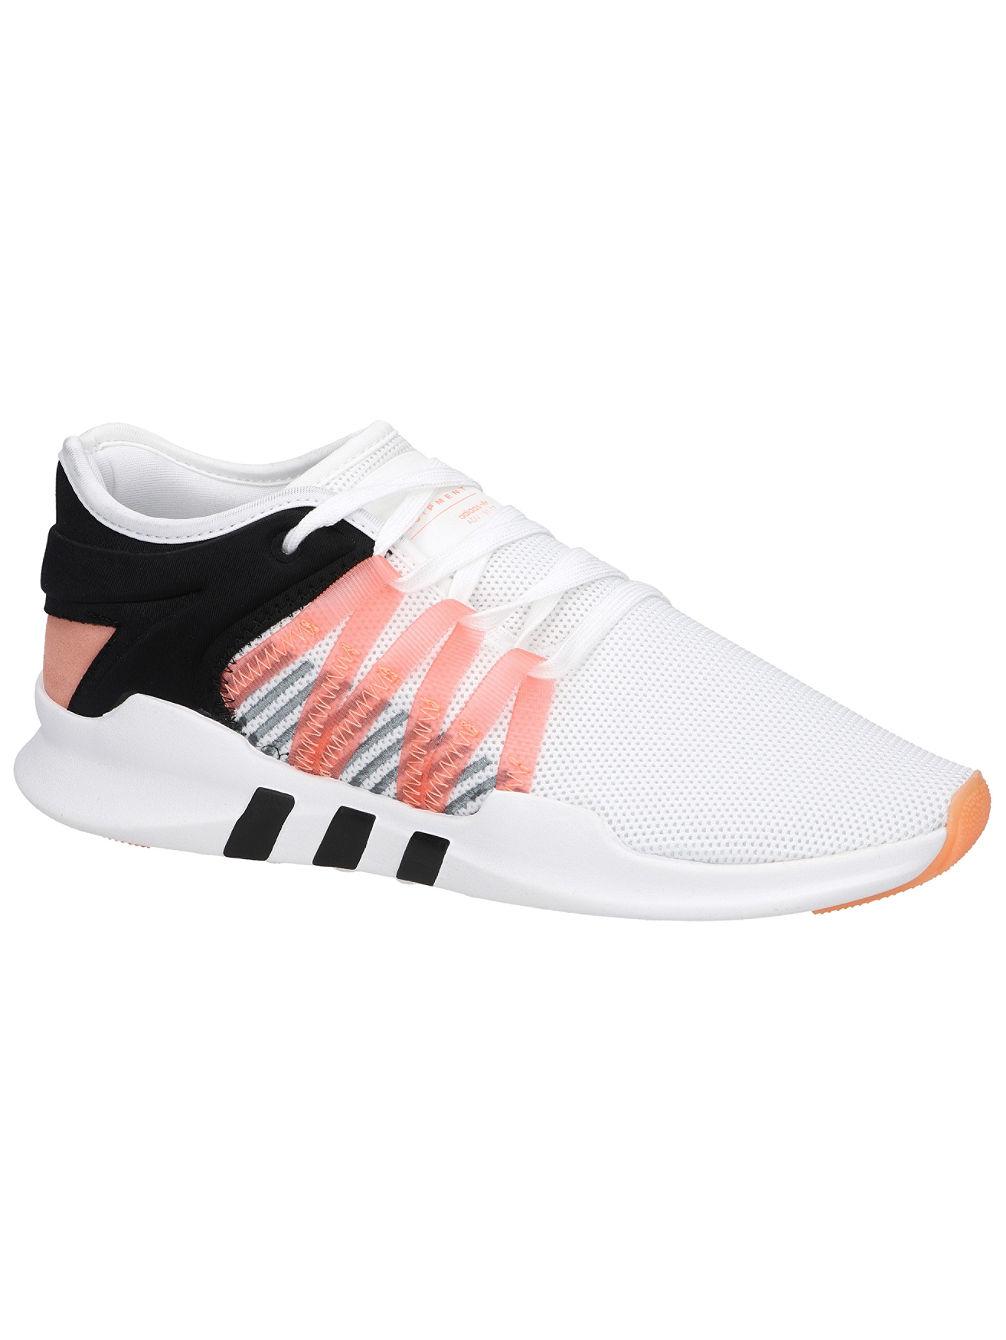 new styles f0ec1 e274f adidas Originals EQT Racing ADV Sneakers Women